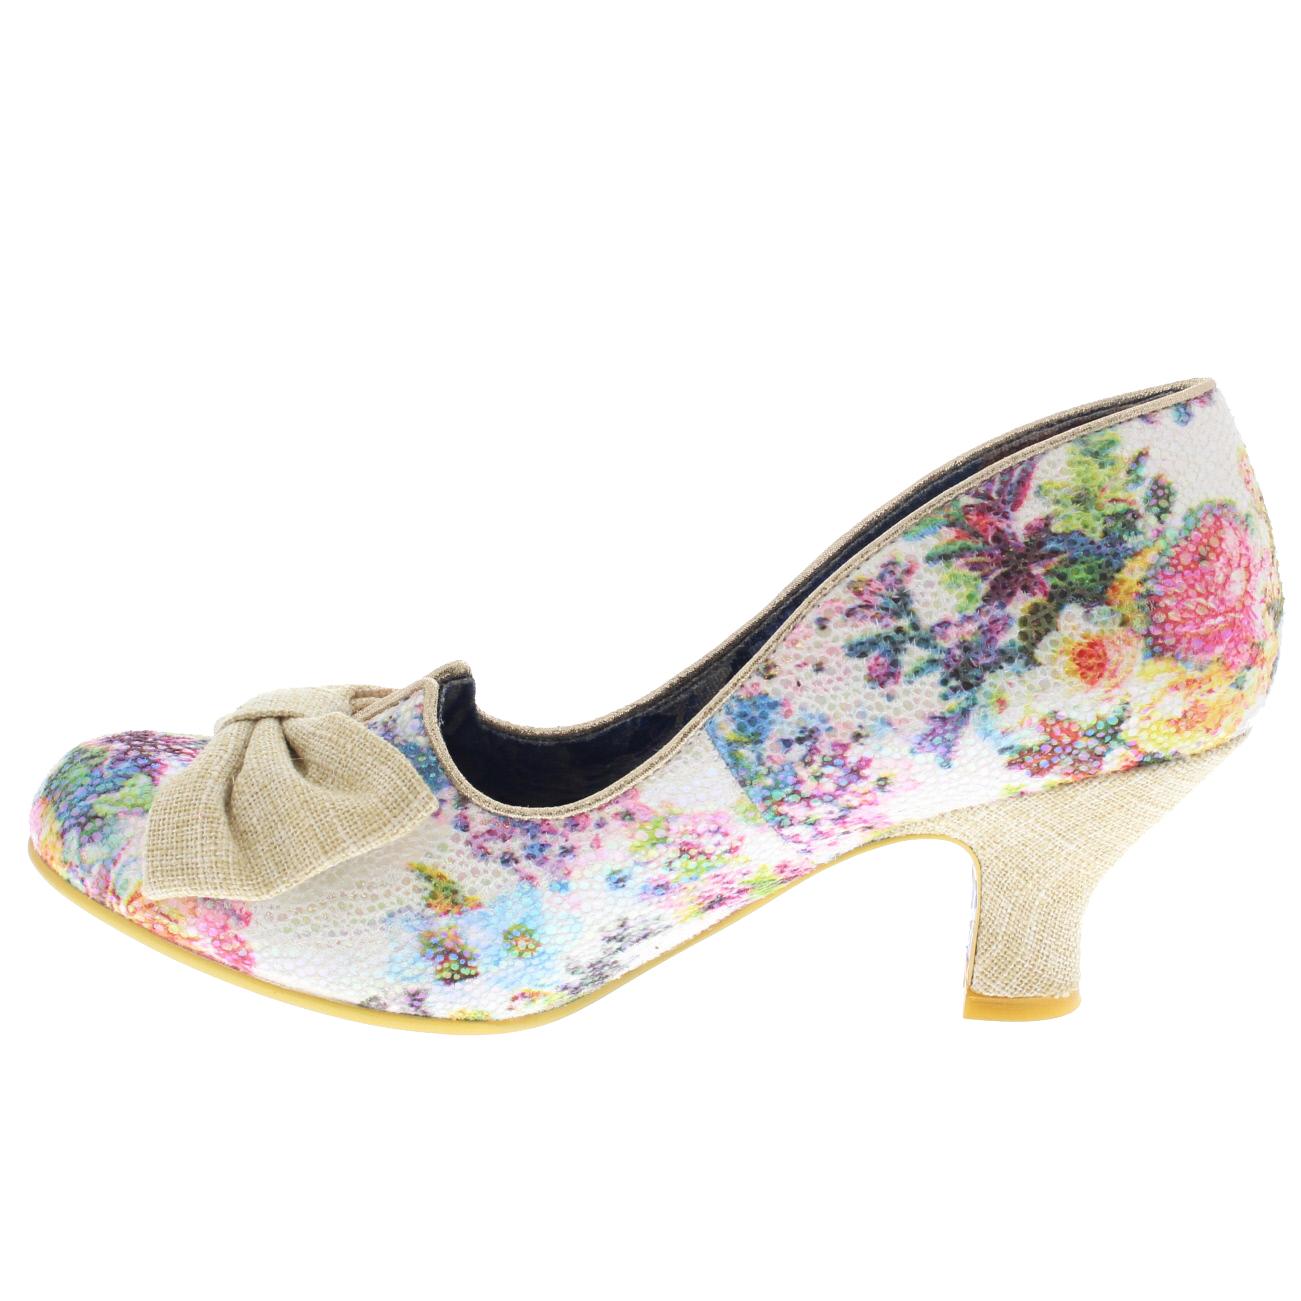 mesdames irrégulier de choix éblouissant razzle talons de irrégulier toutes tailles soirée floral des souliers de court e9c5e2